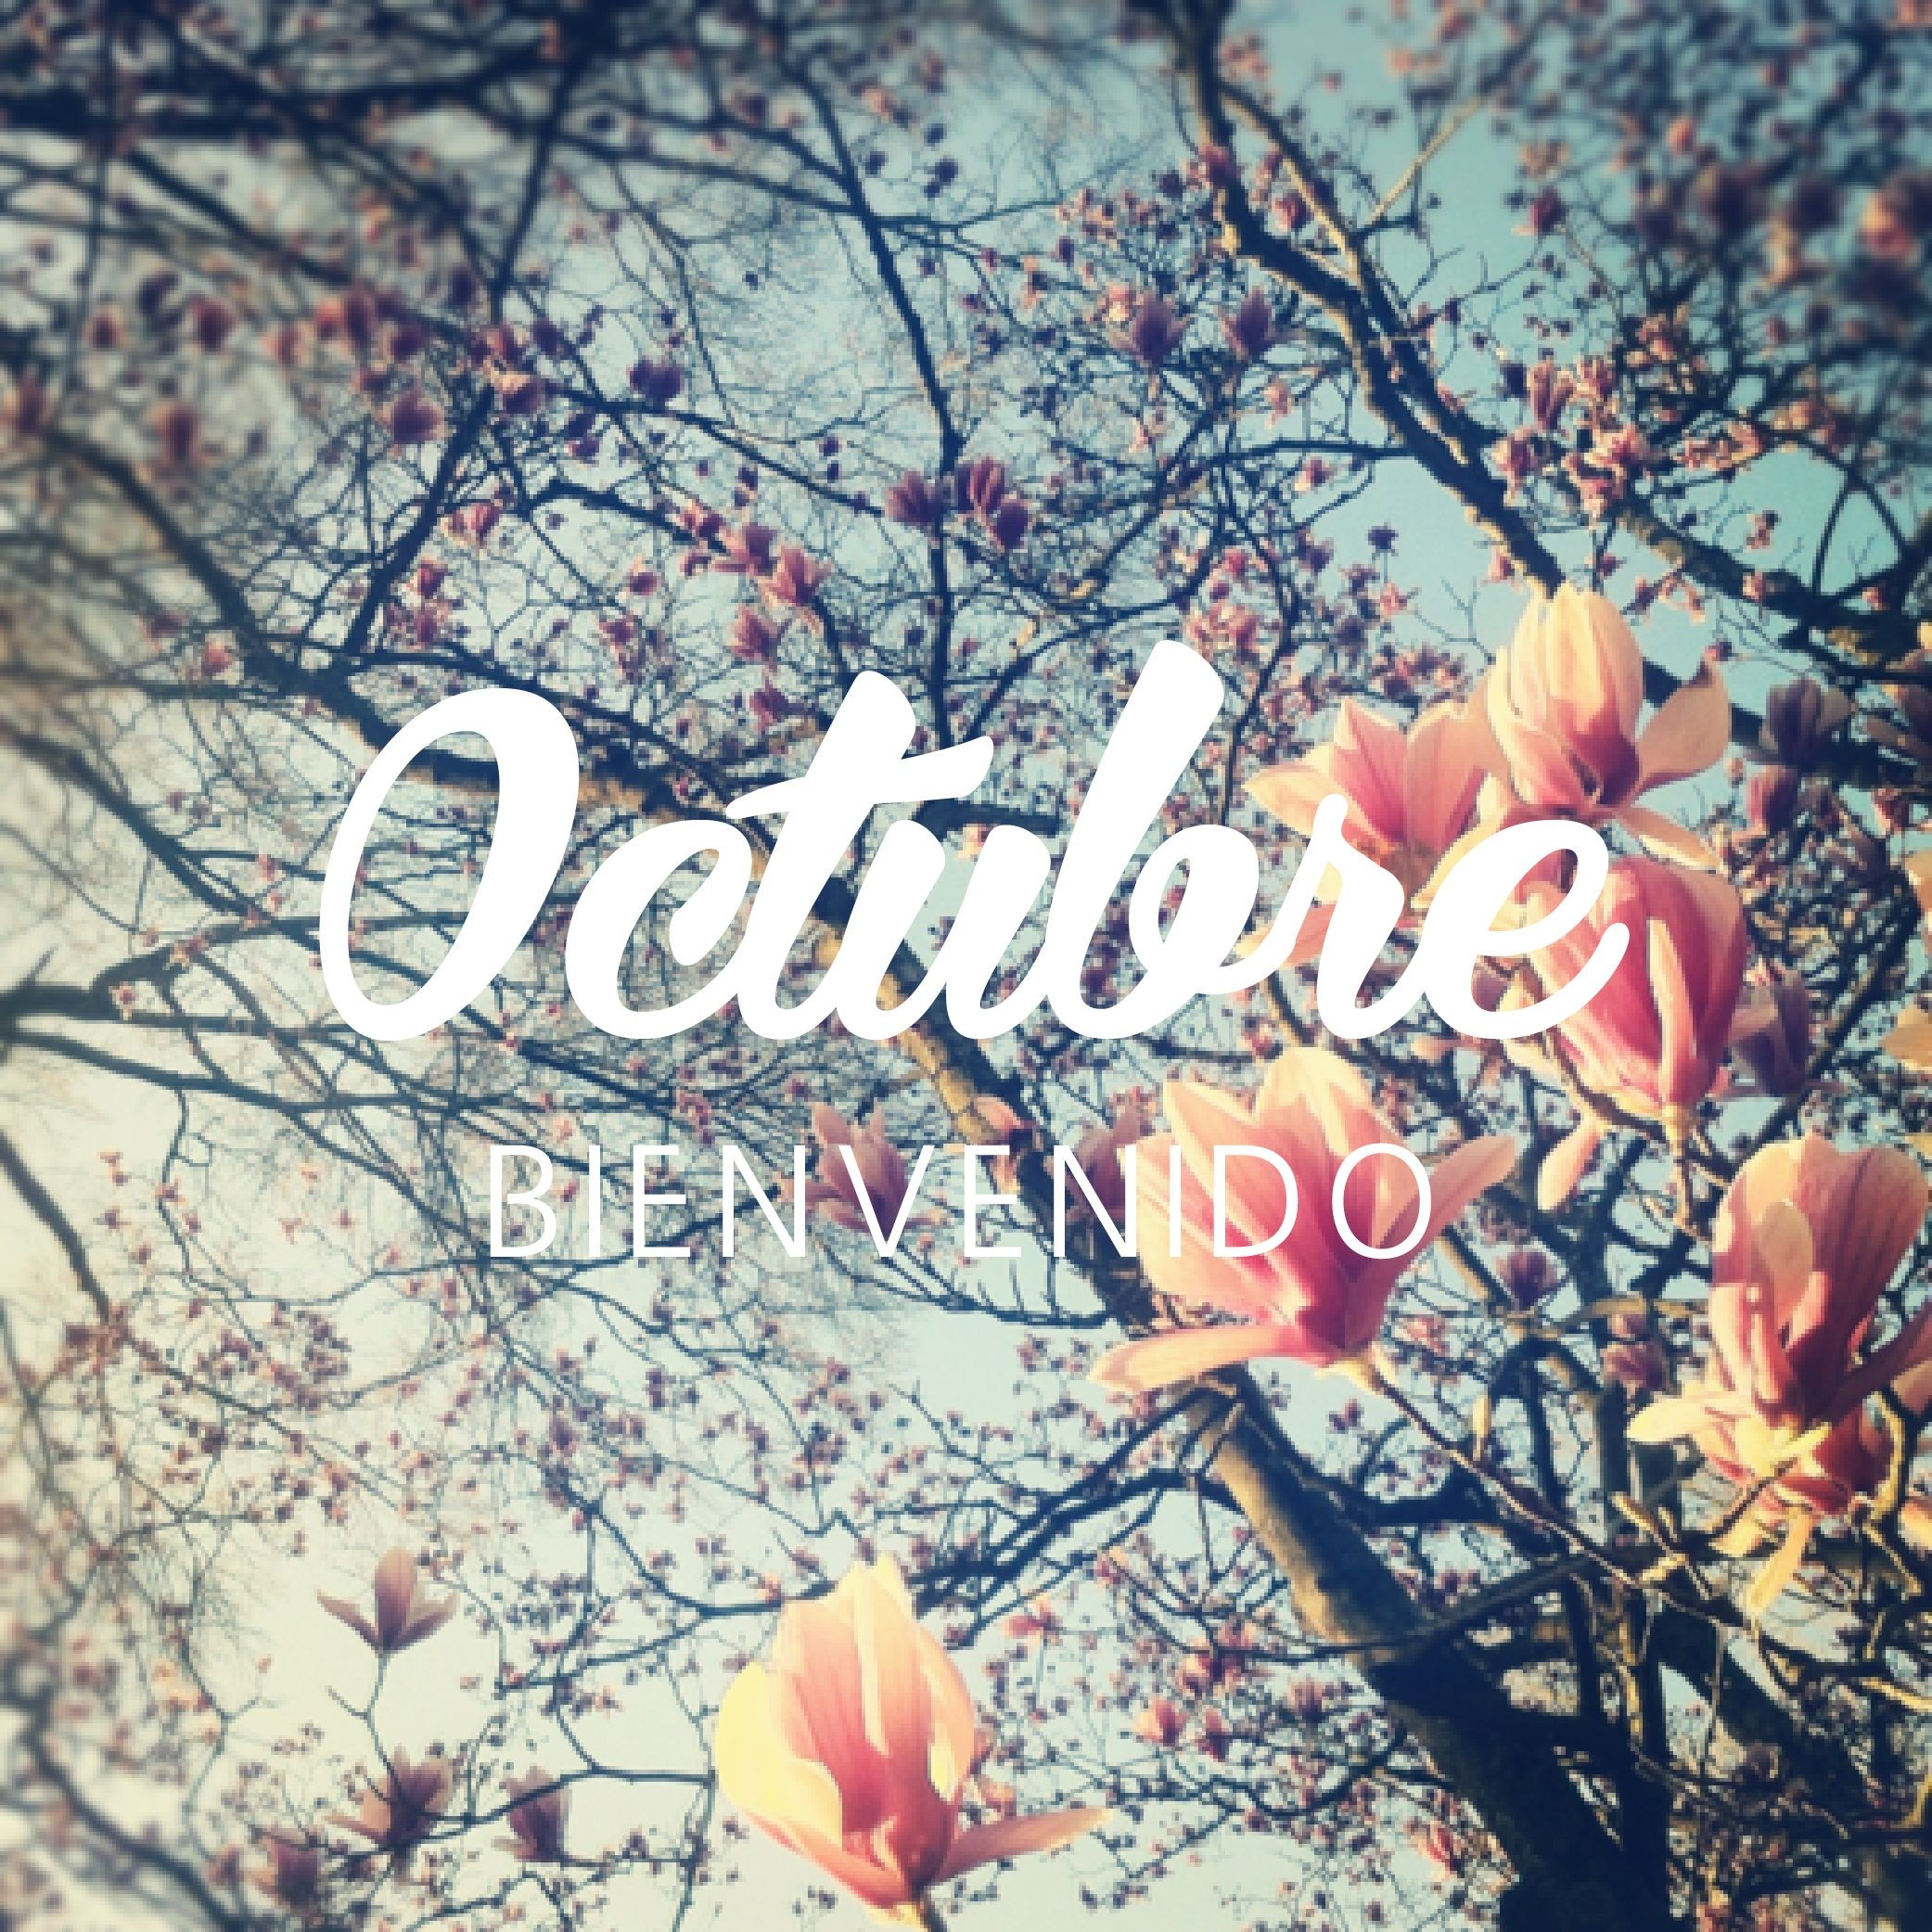 Hola Octubre Hola hola Hello favorite month Birthday soon Monat